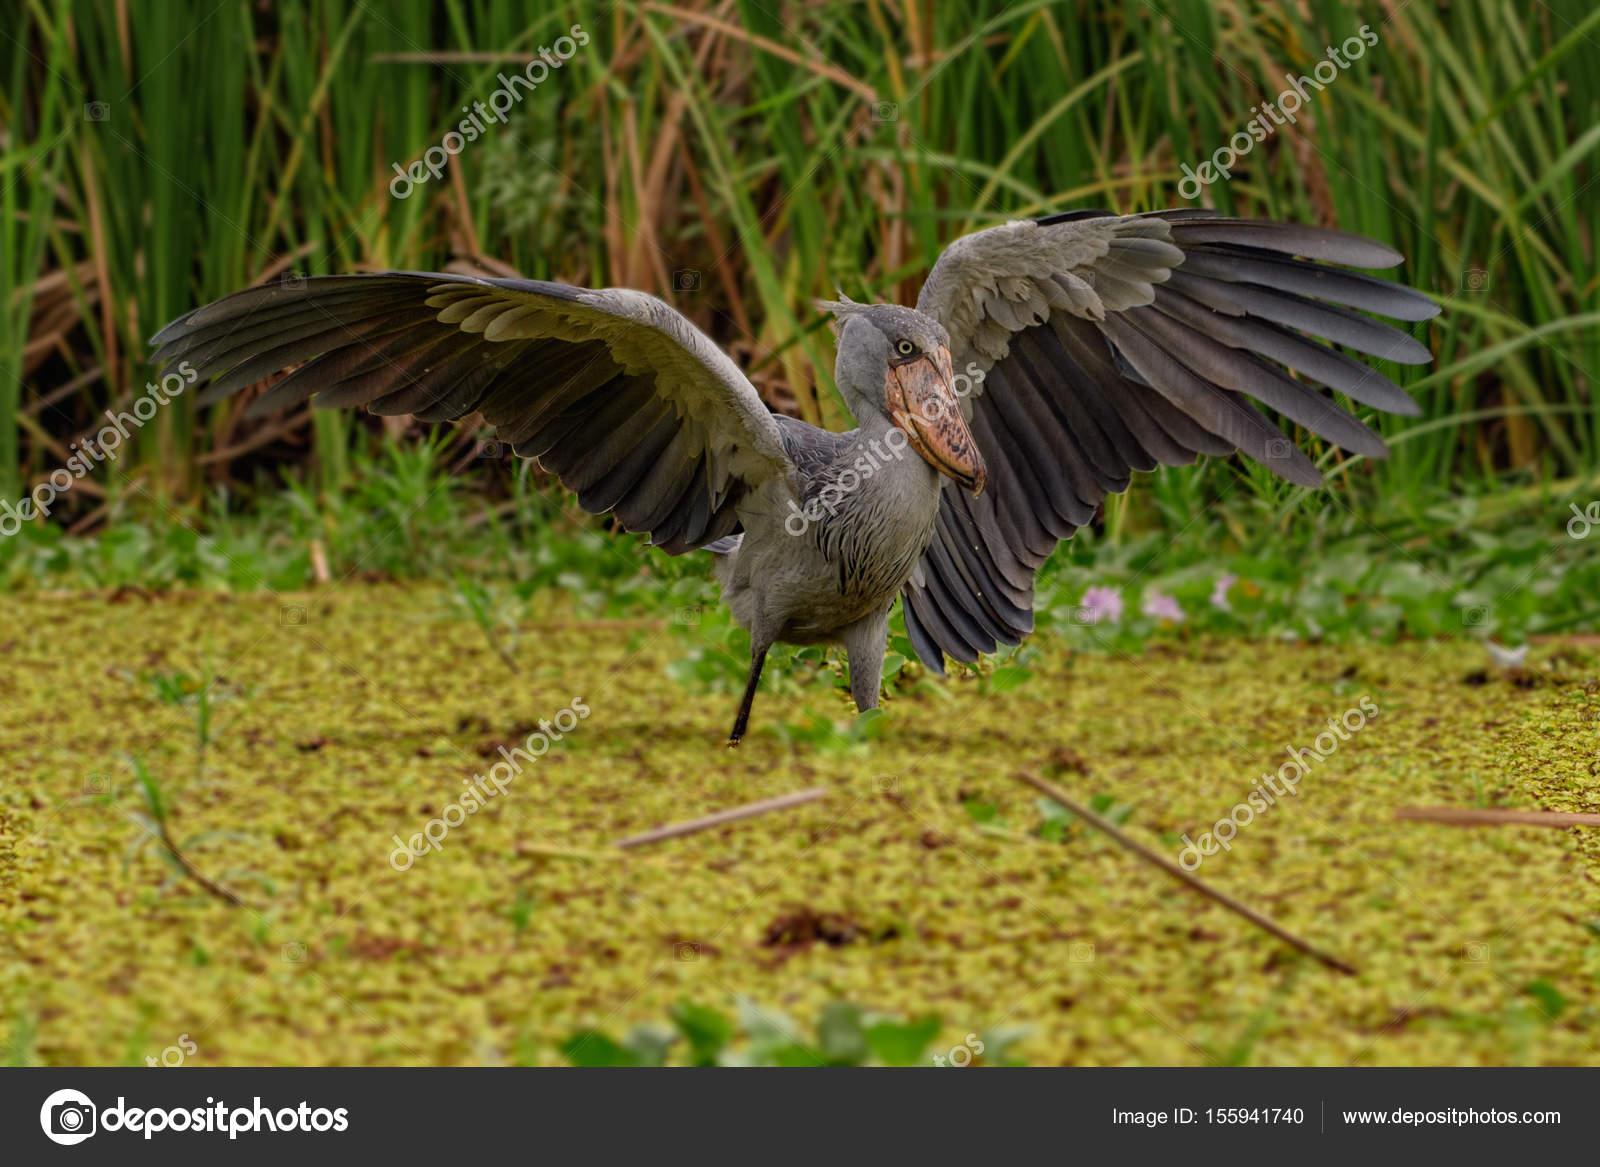 Μεγάλο πουλί που απεικονίζεται